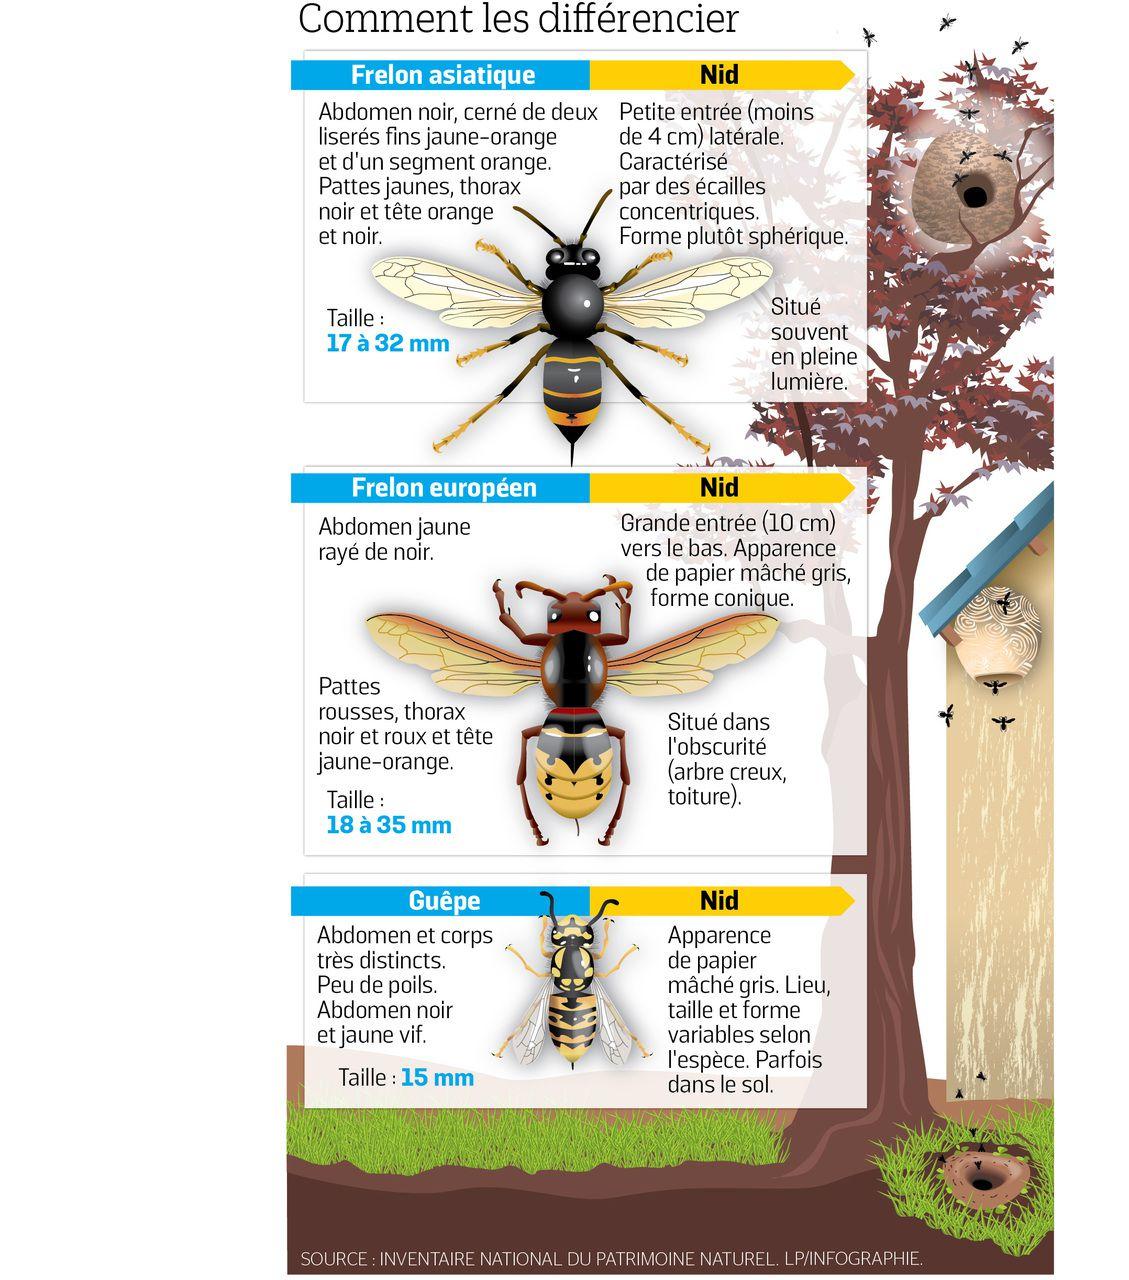 Frelons Asiatiques : Dix Choses À Savoir Sur Cet Insecte avec Les Noms Des Insectes